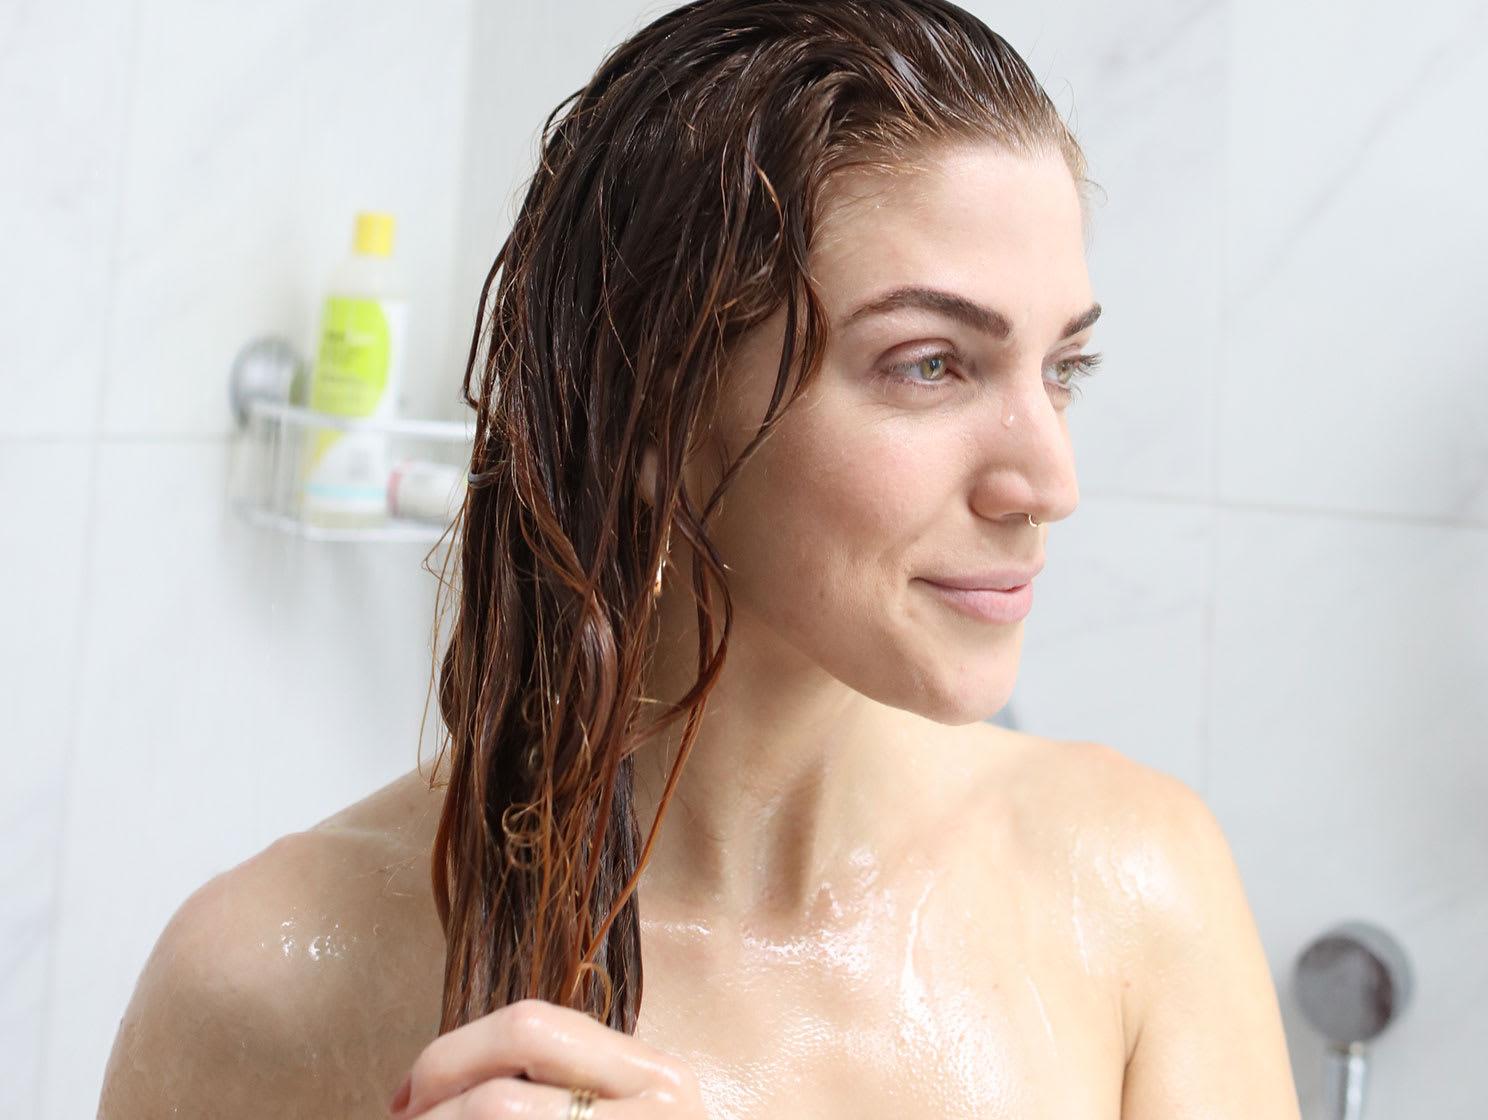 femme aux cheveux ondulés sous la douche